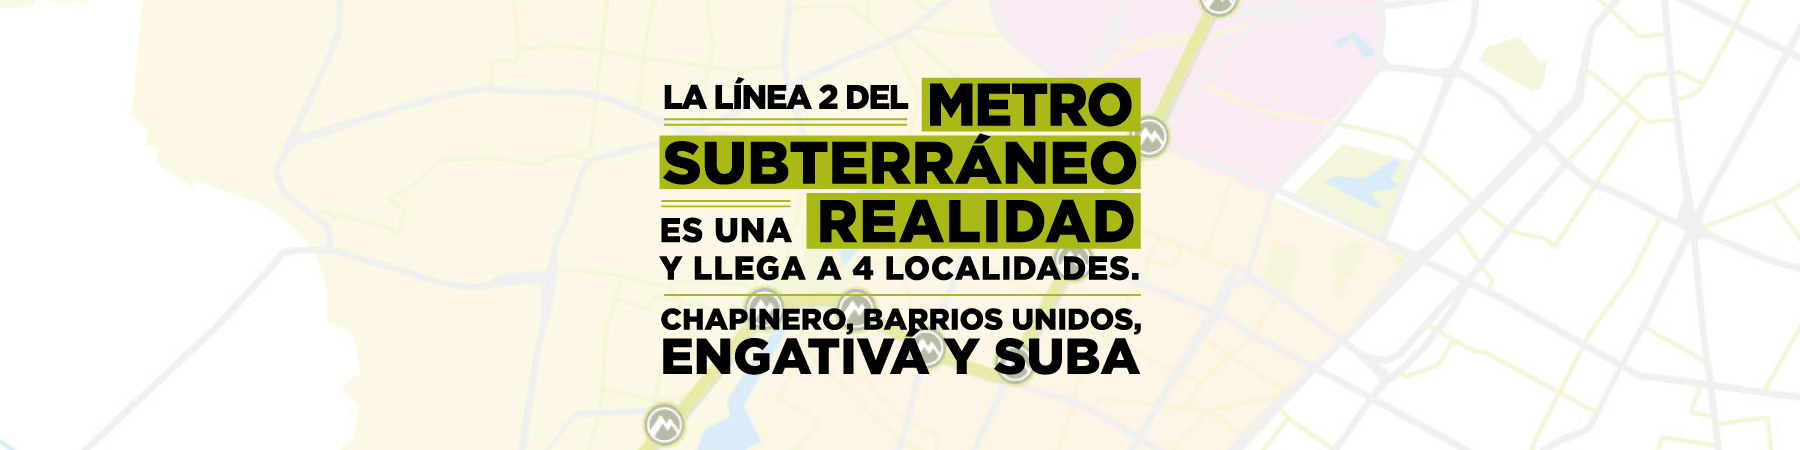 La línea 2 del Metro subterráneo llega a Suba